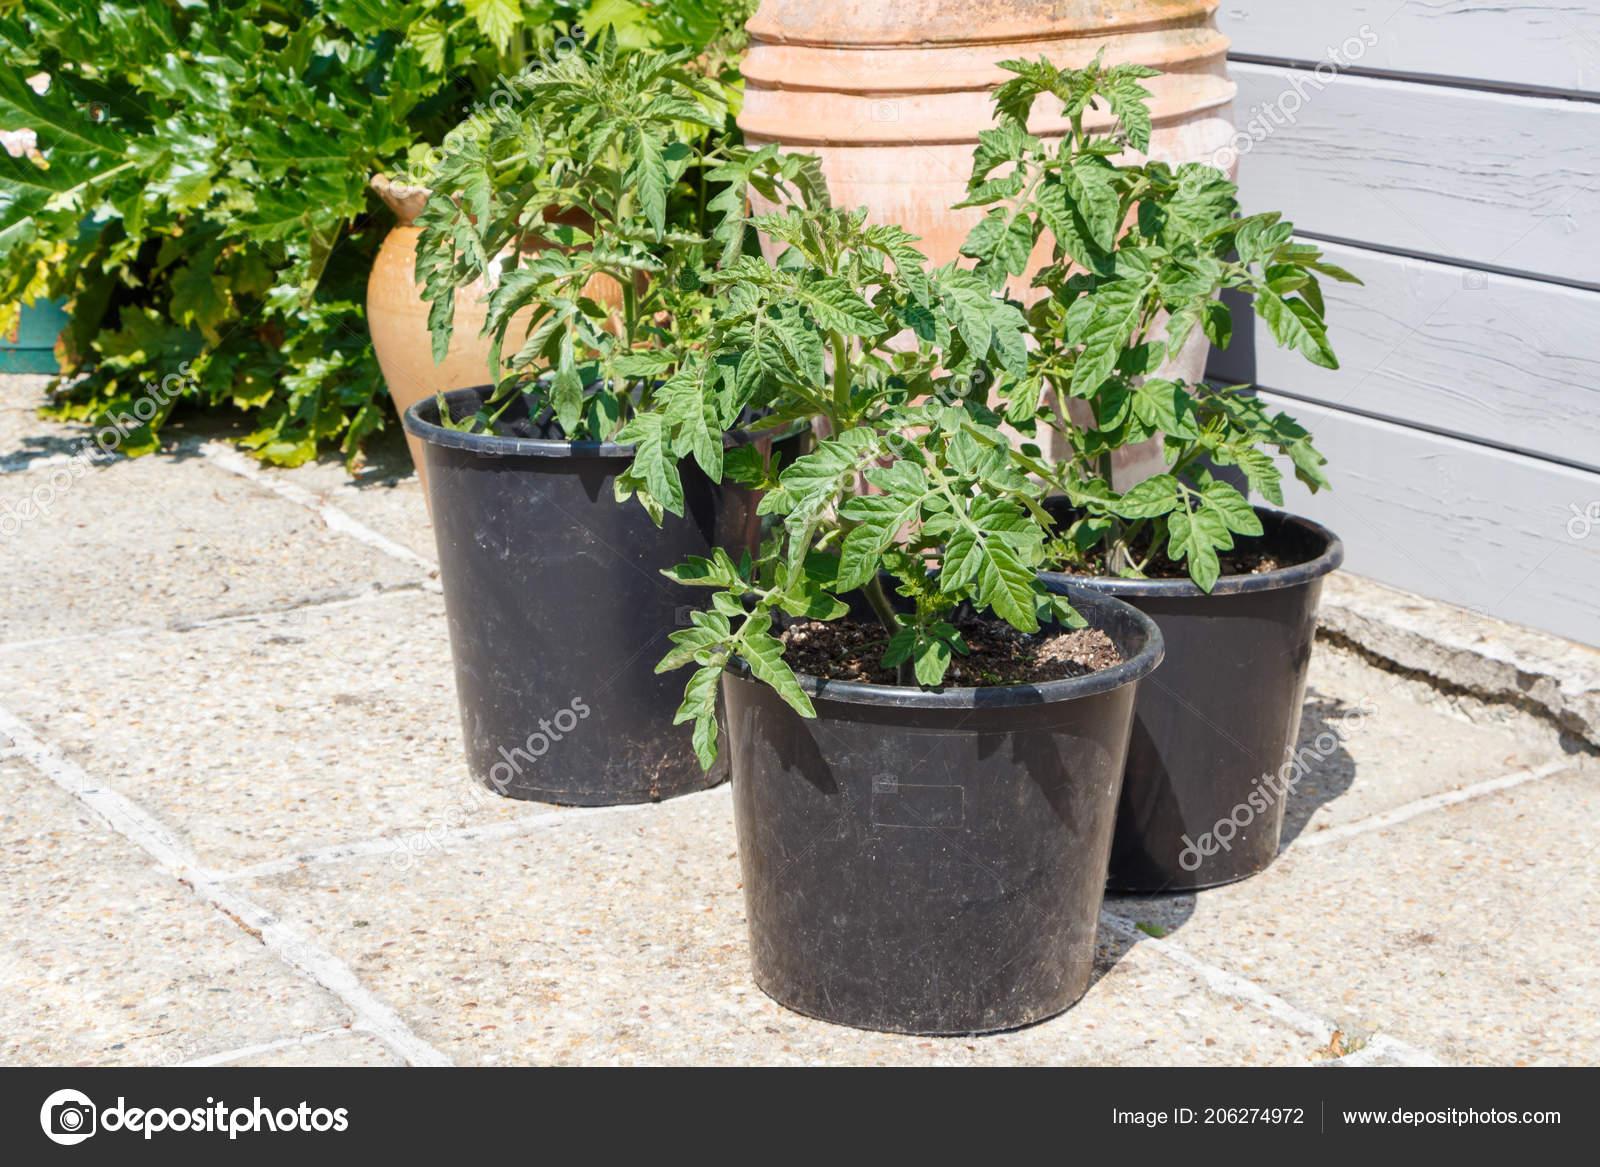 Kunststof Tuin Pot : Tomaten planten die groeien plastic pot een tuin zomer u2014 stockfoto